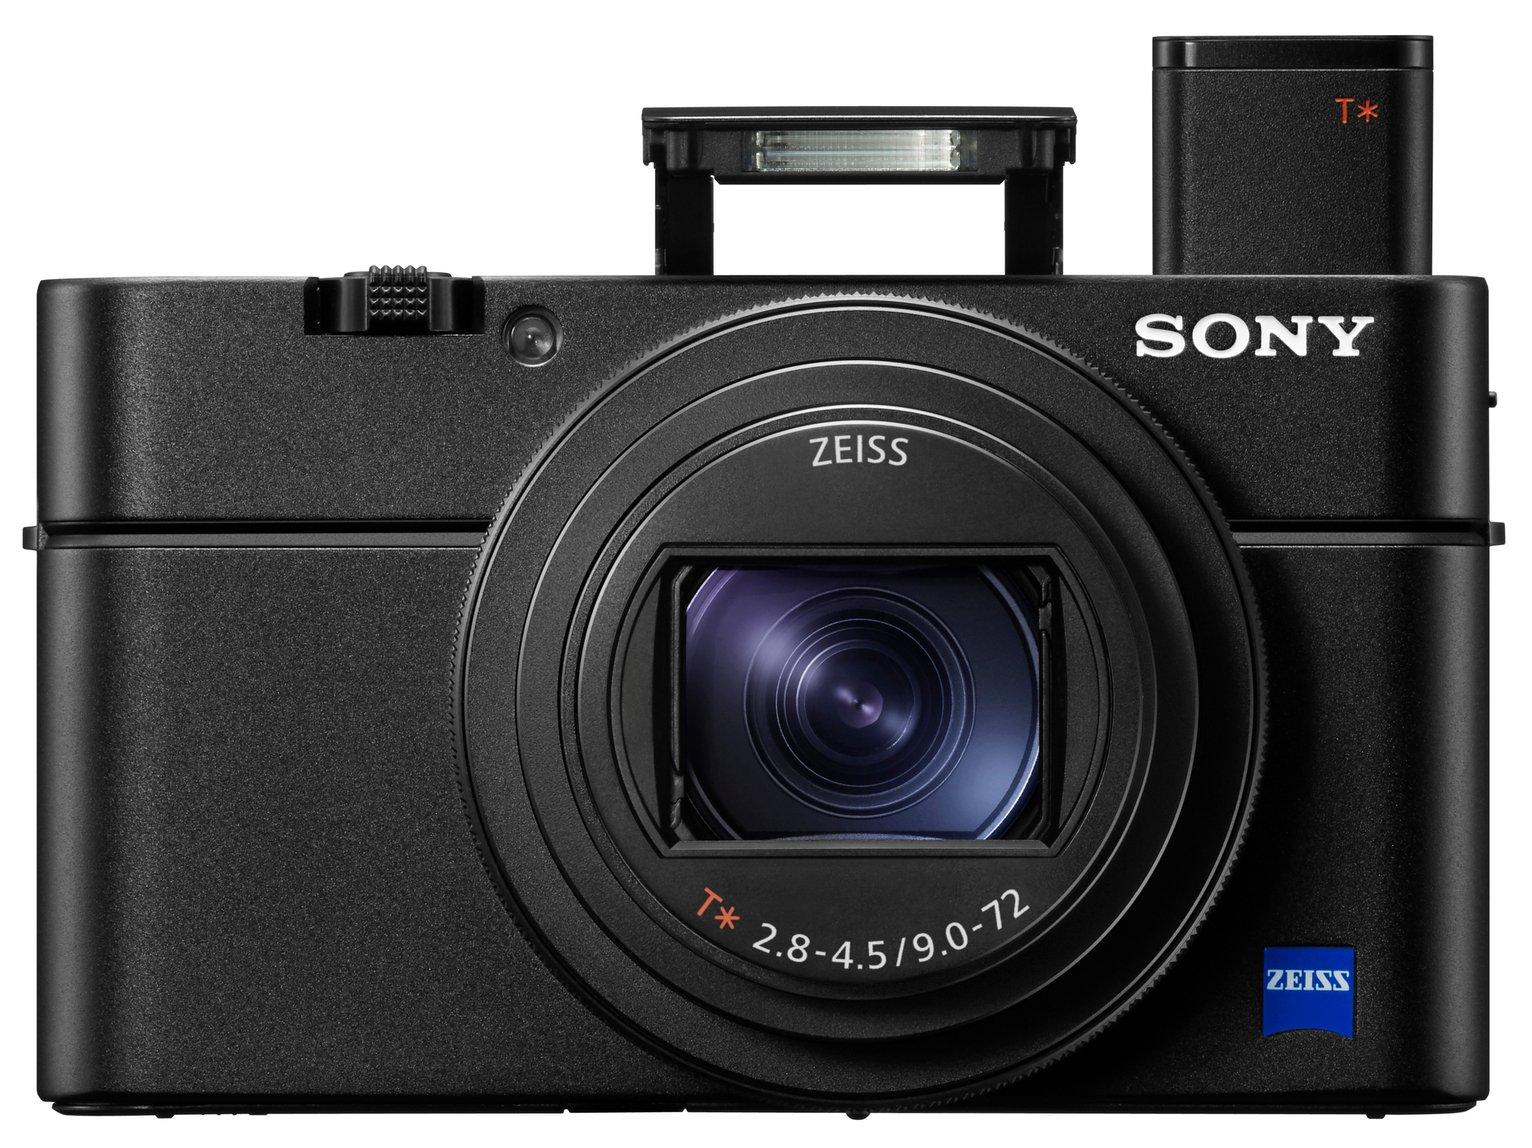 Sony RX100 MK6 Premium Compact Camera